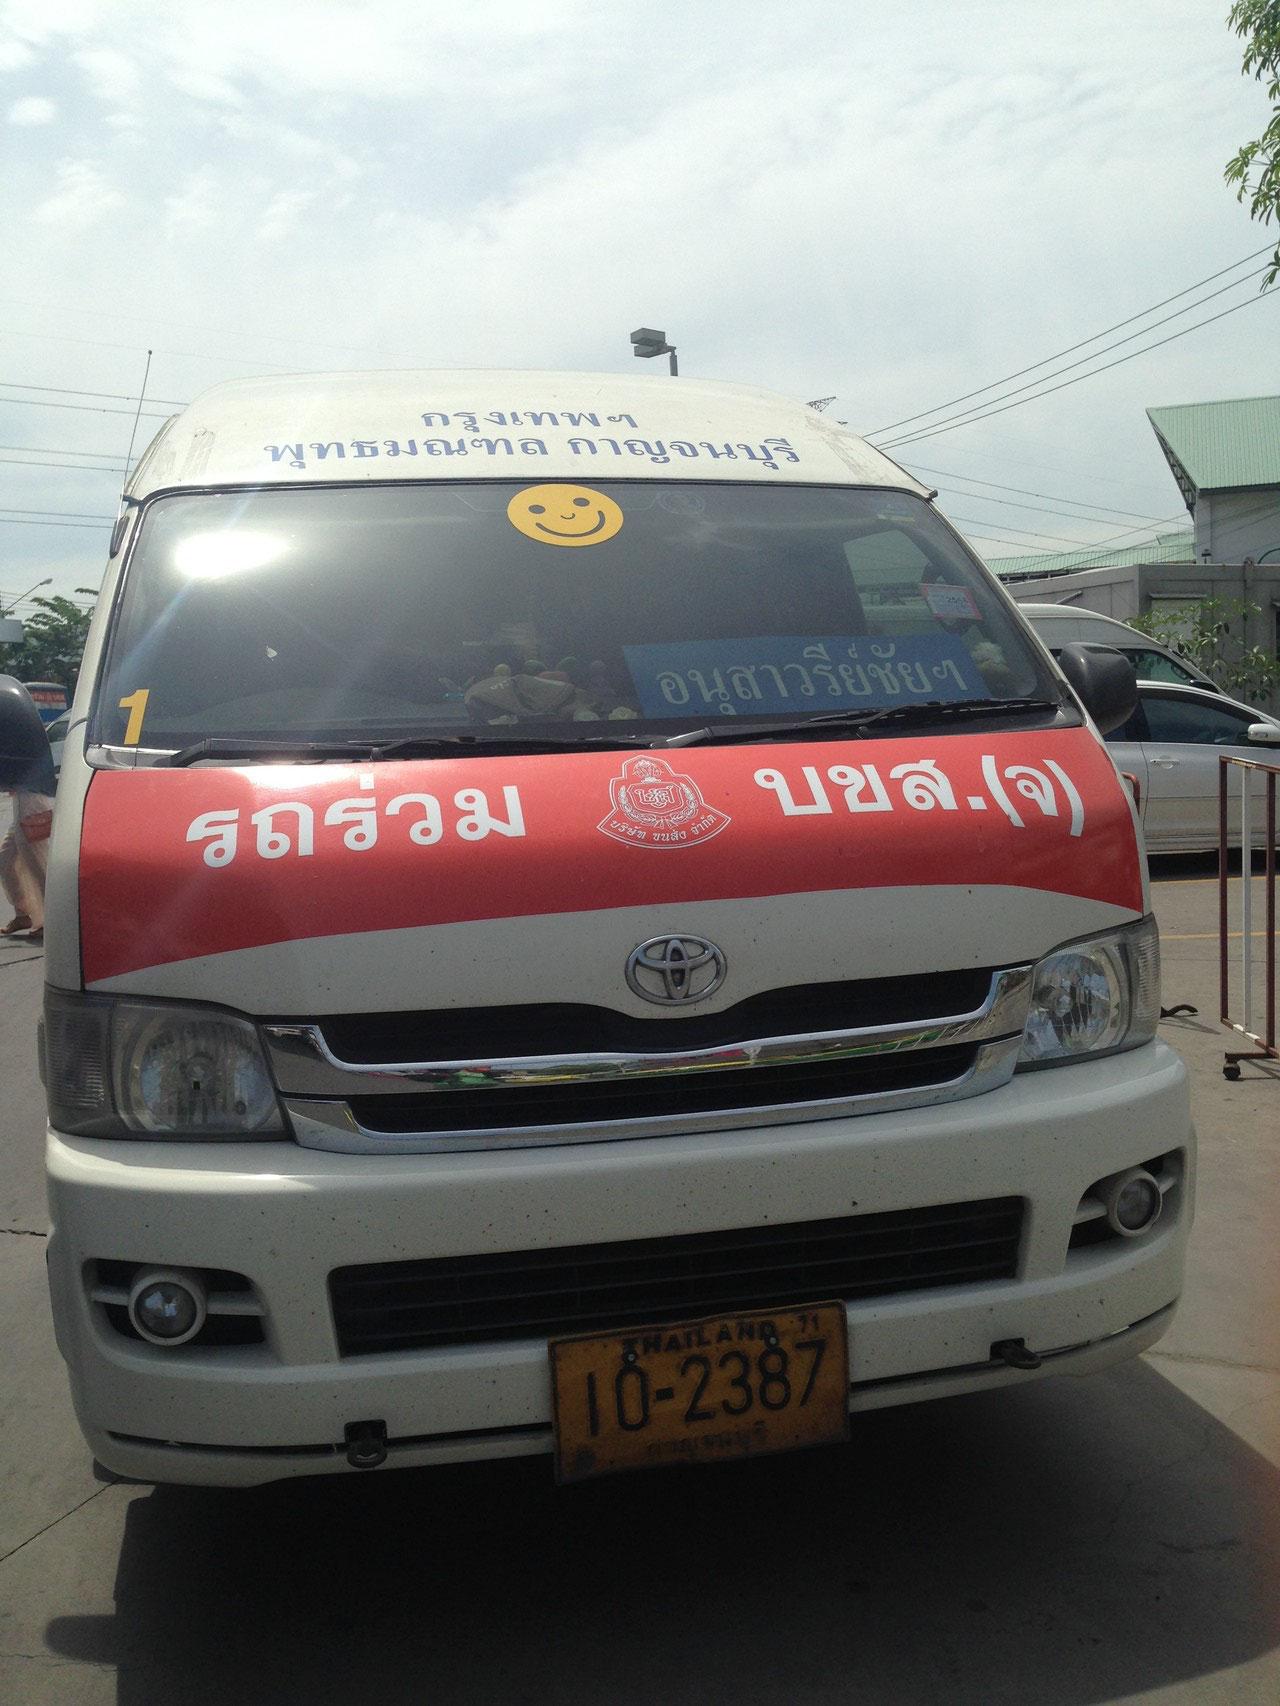 バンコクから3時間ミニバスでカンチャナブリまで移動